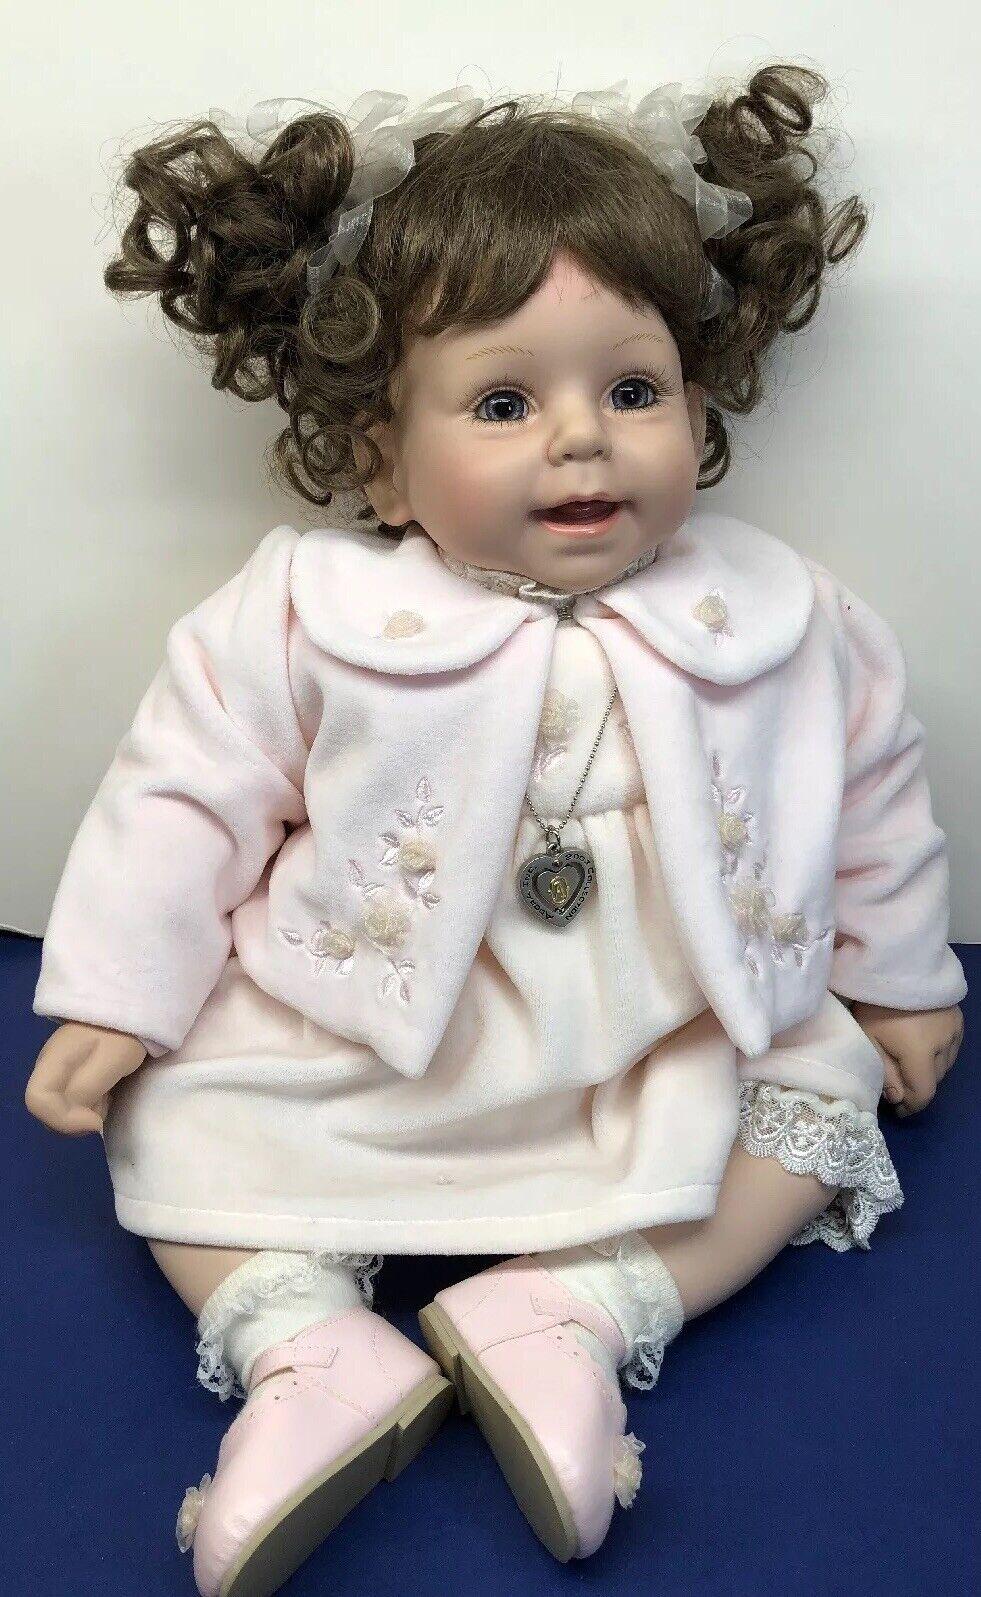 21  adora Bebé Muñeca  Susie  nombre de tu propio Limited 481 589 adorable con caja y certificado de autenticidad